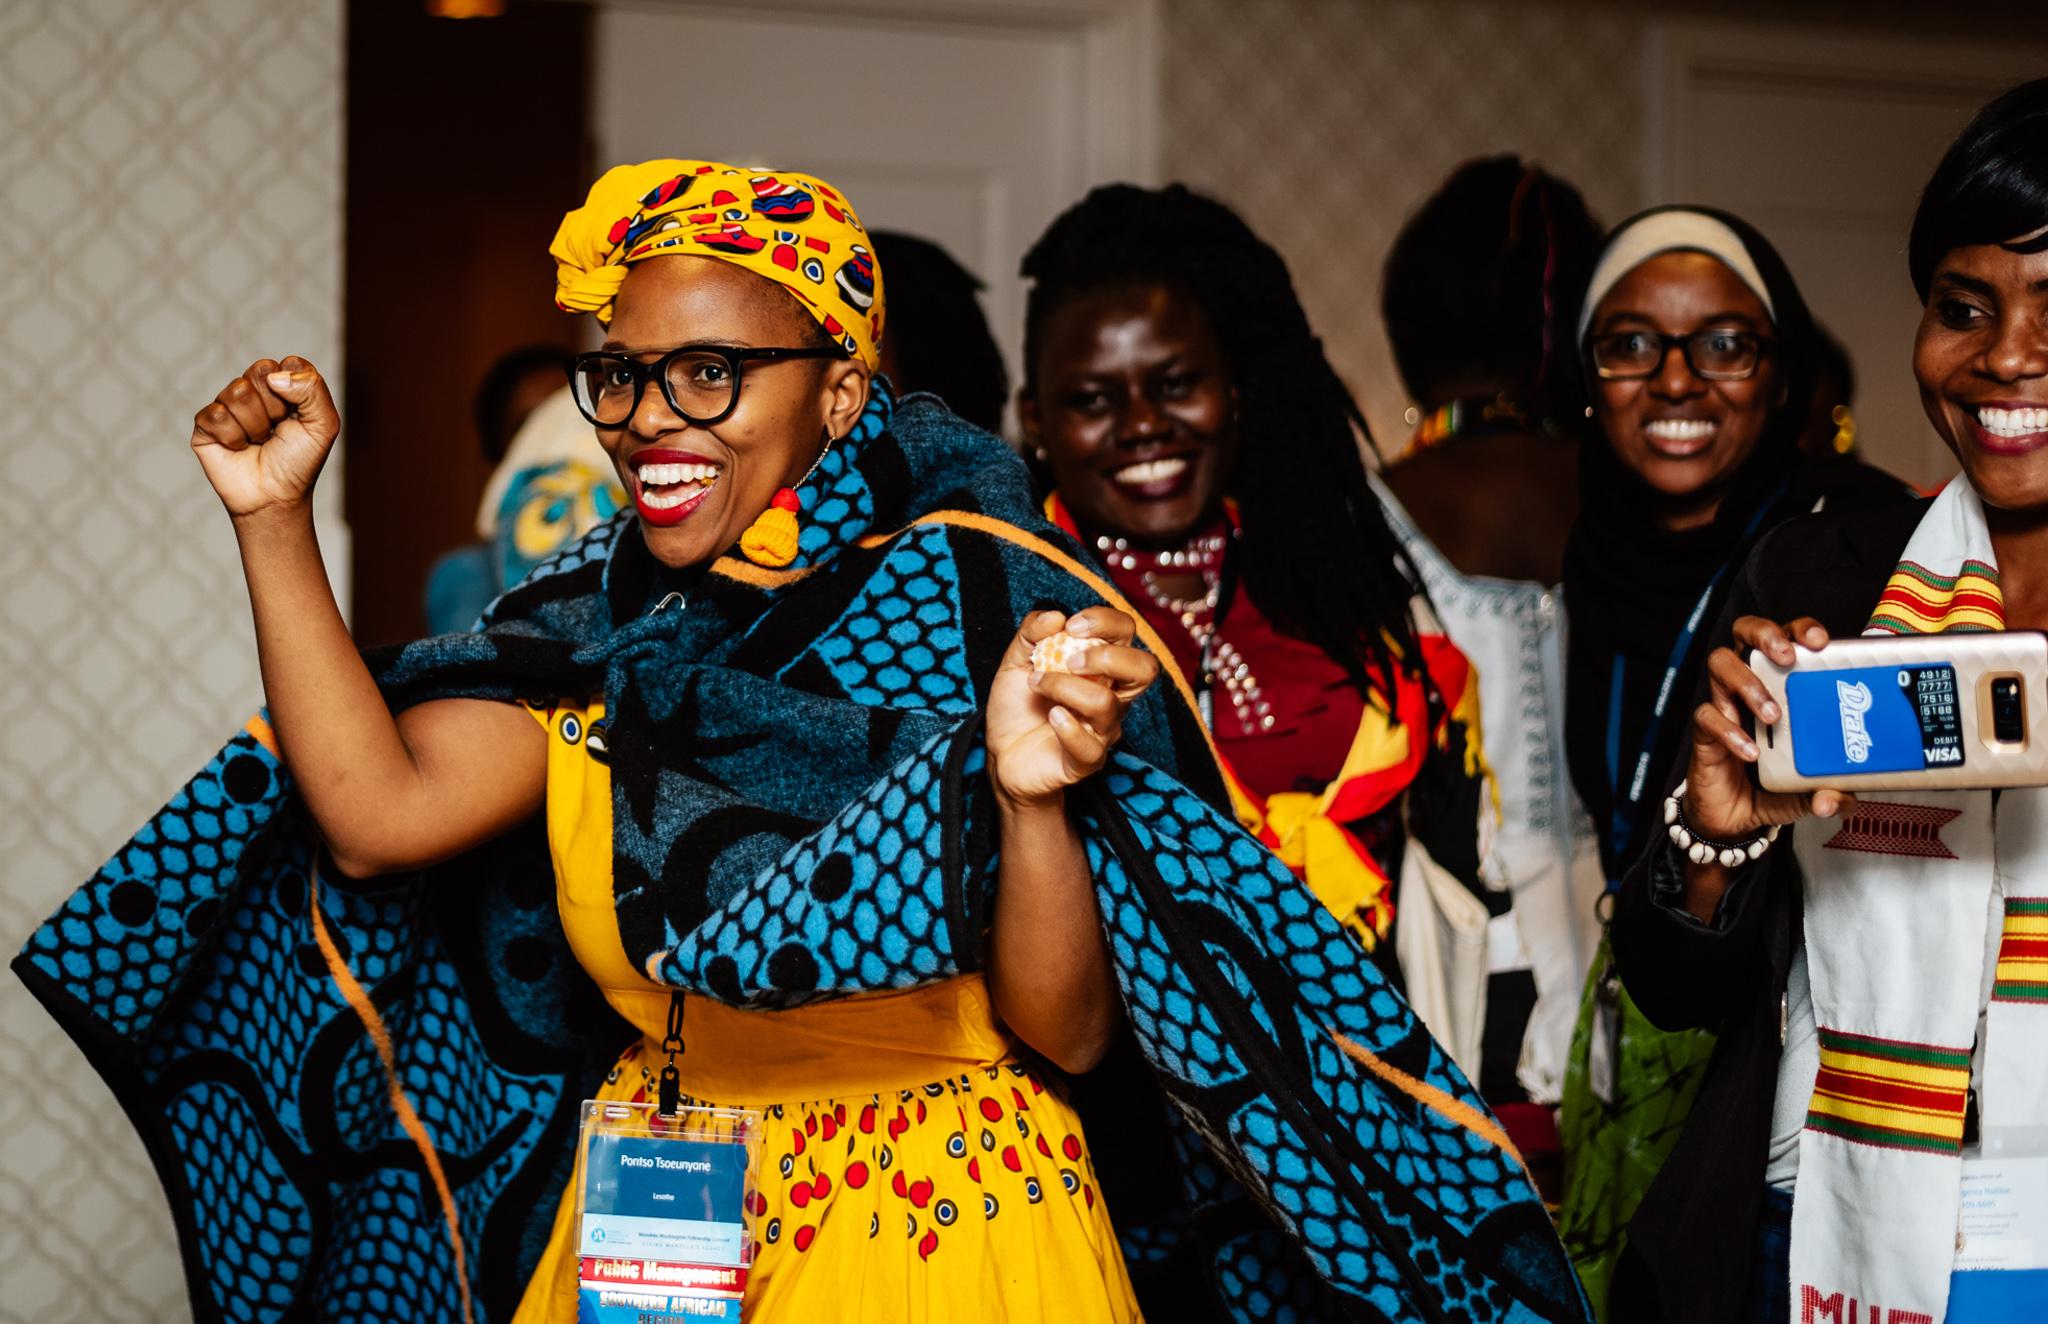 身穿民族服装的欢笑的非洲女青年 (Daniel Durazo/State Dept.)